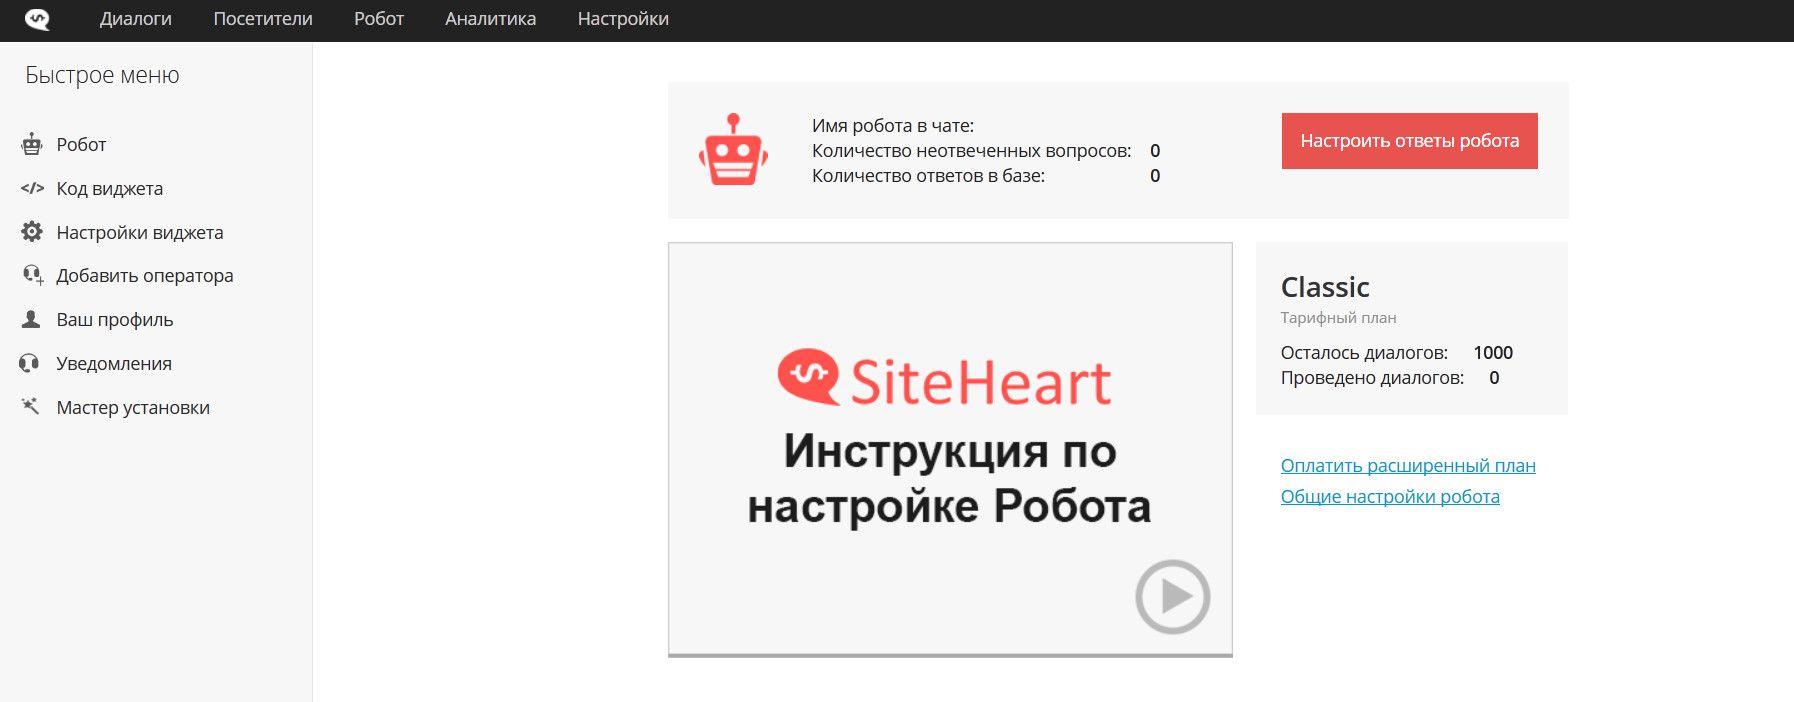 Чат с роботом на русском 20 фотография